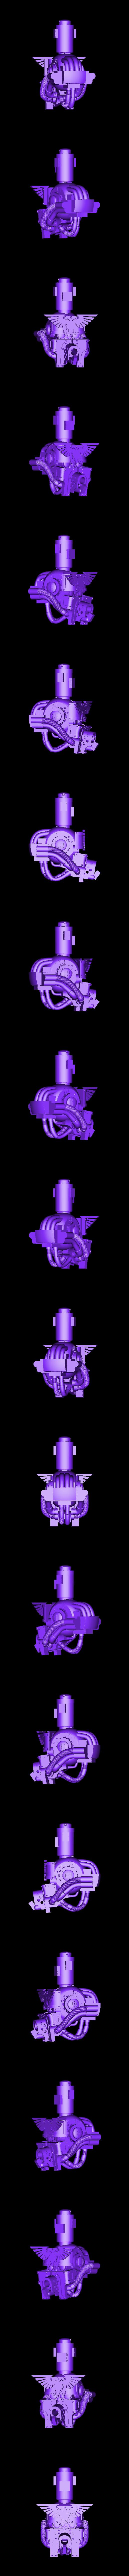 questorius knight flare partern helmet.stl Télécharger fichier STL gratuit Casque Knight Firebreather à motifs 40k • Objet imprimable en 3D, The_Titan_Manifactorium